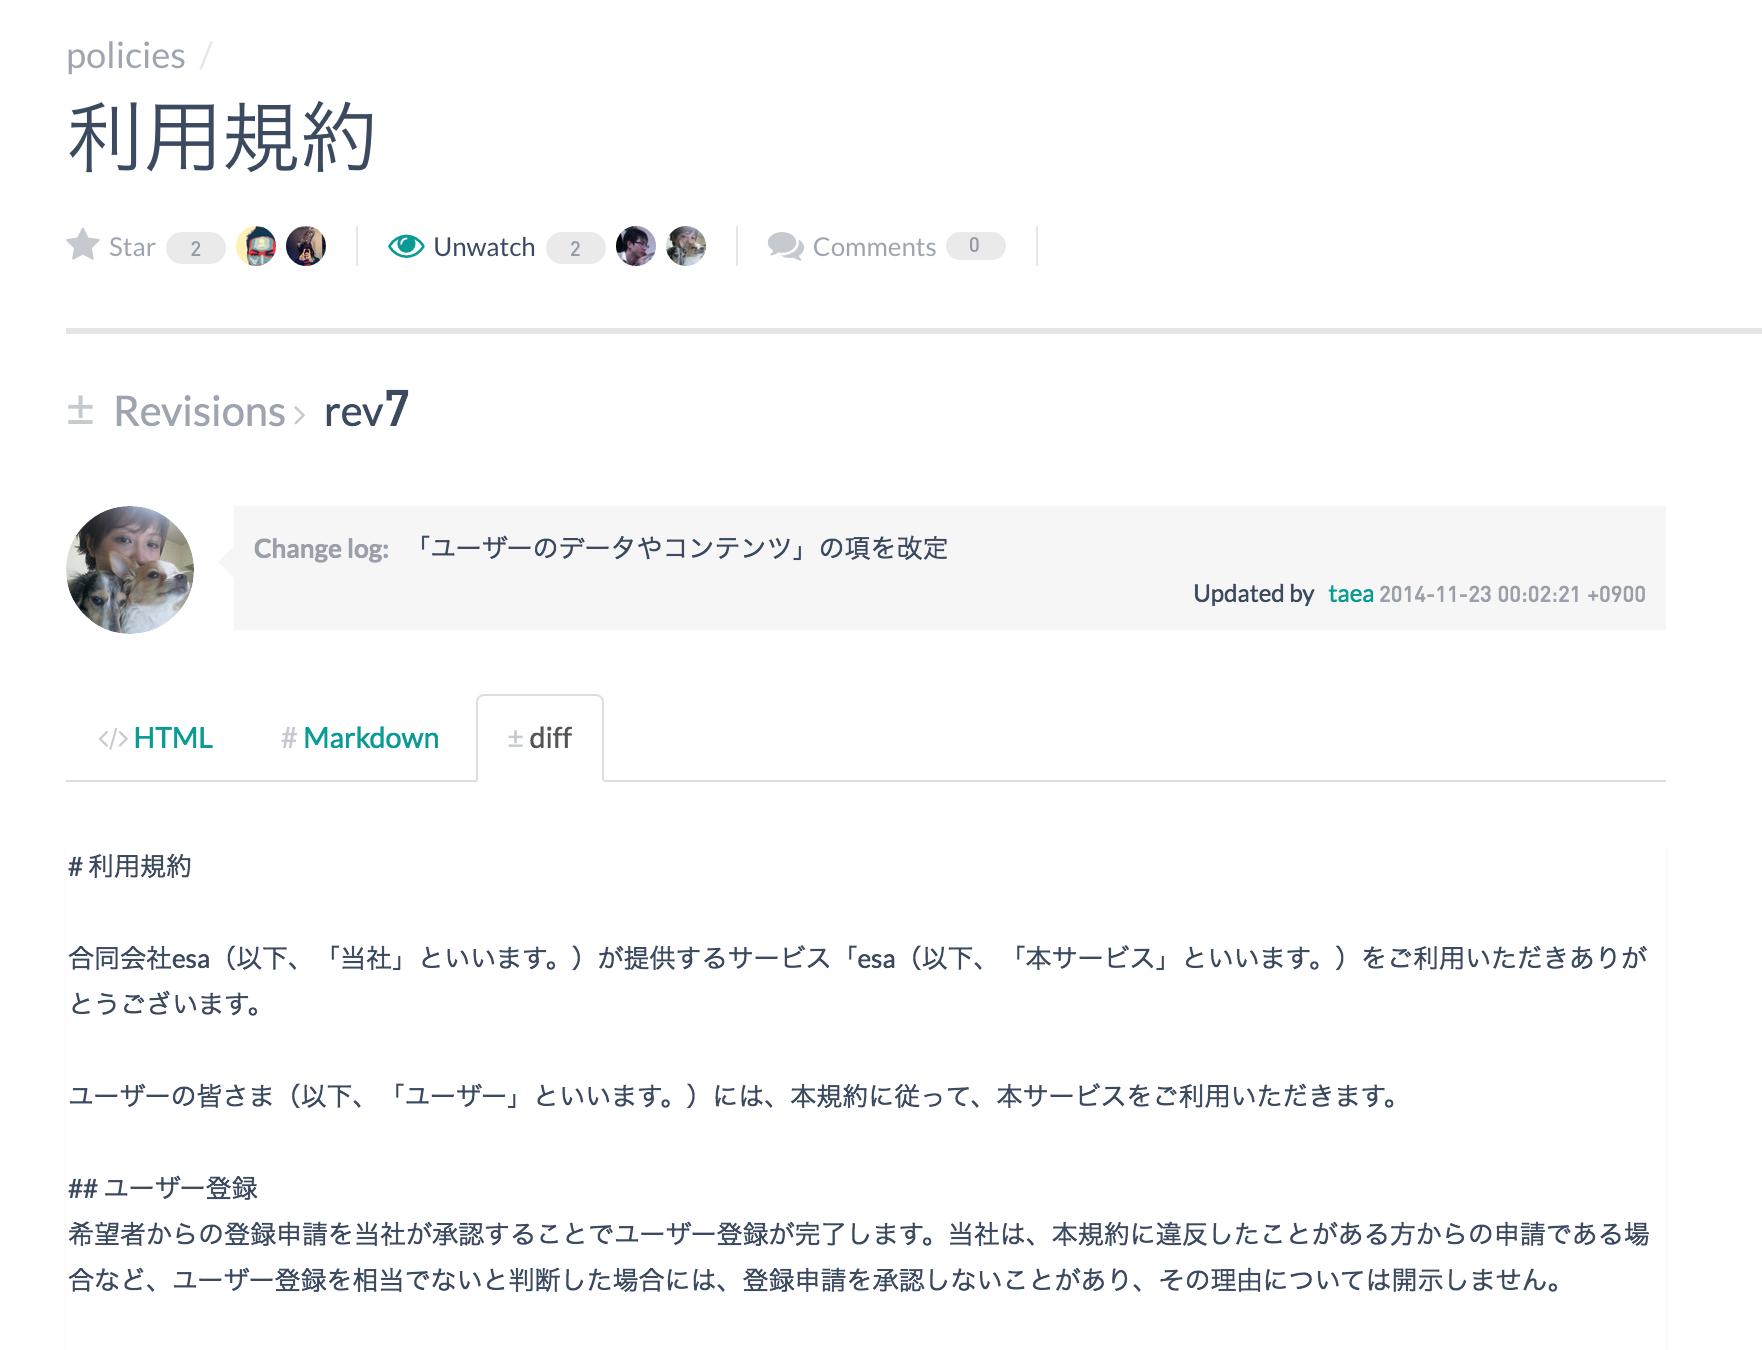 スクリーンショット 2014-12-04 02.12.25.png